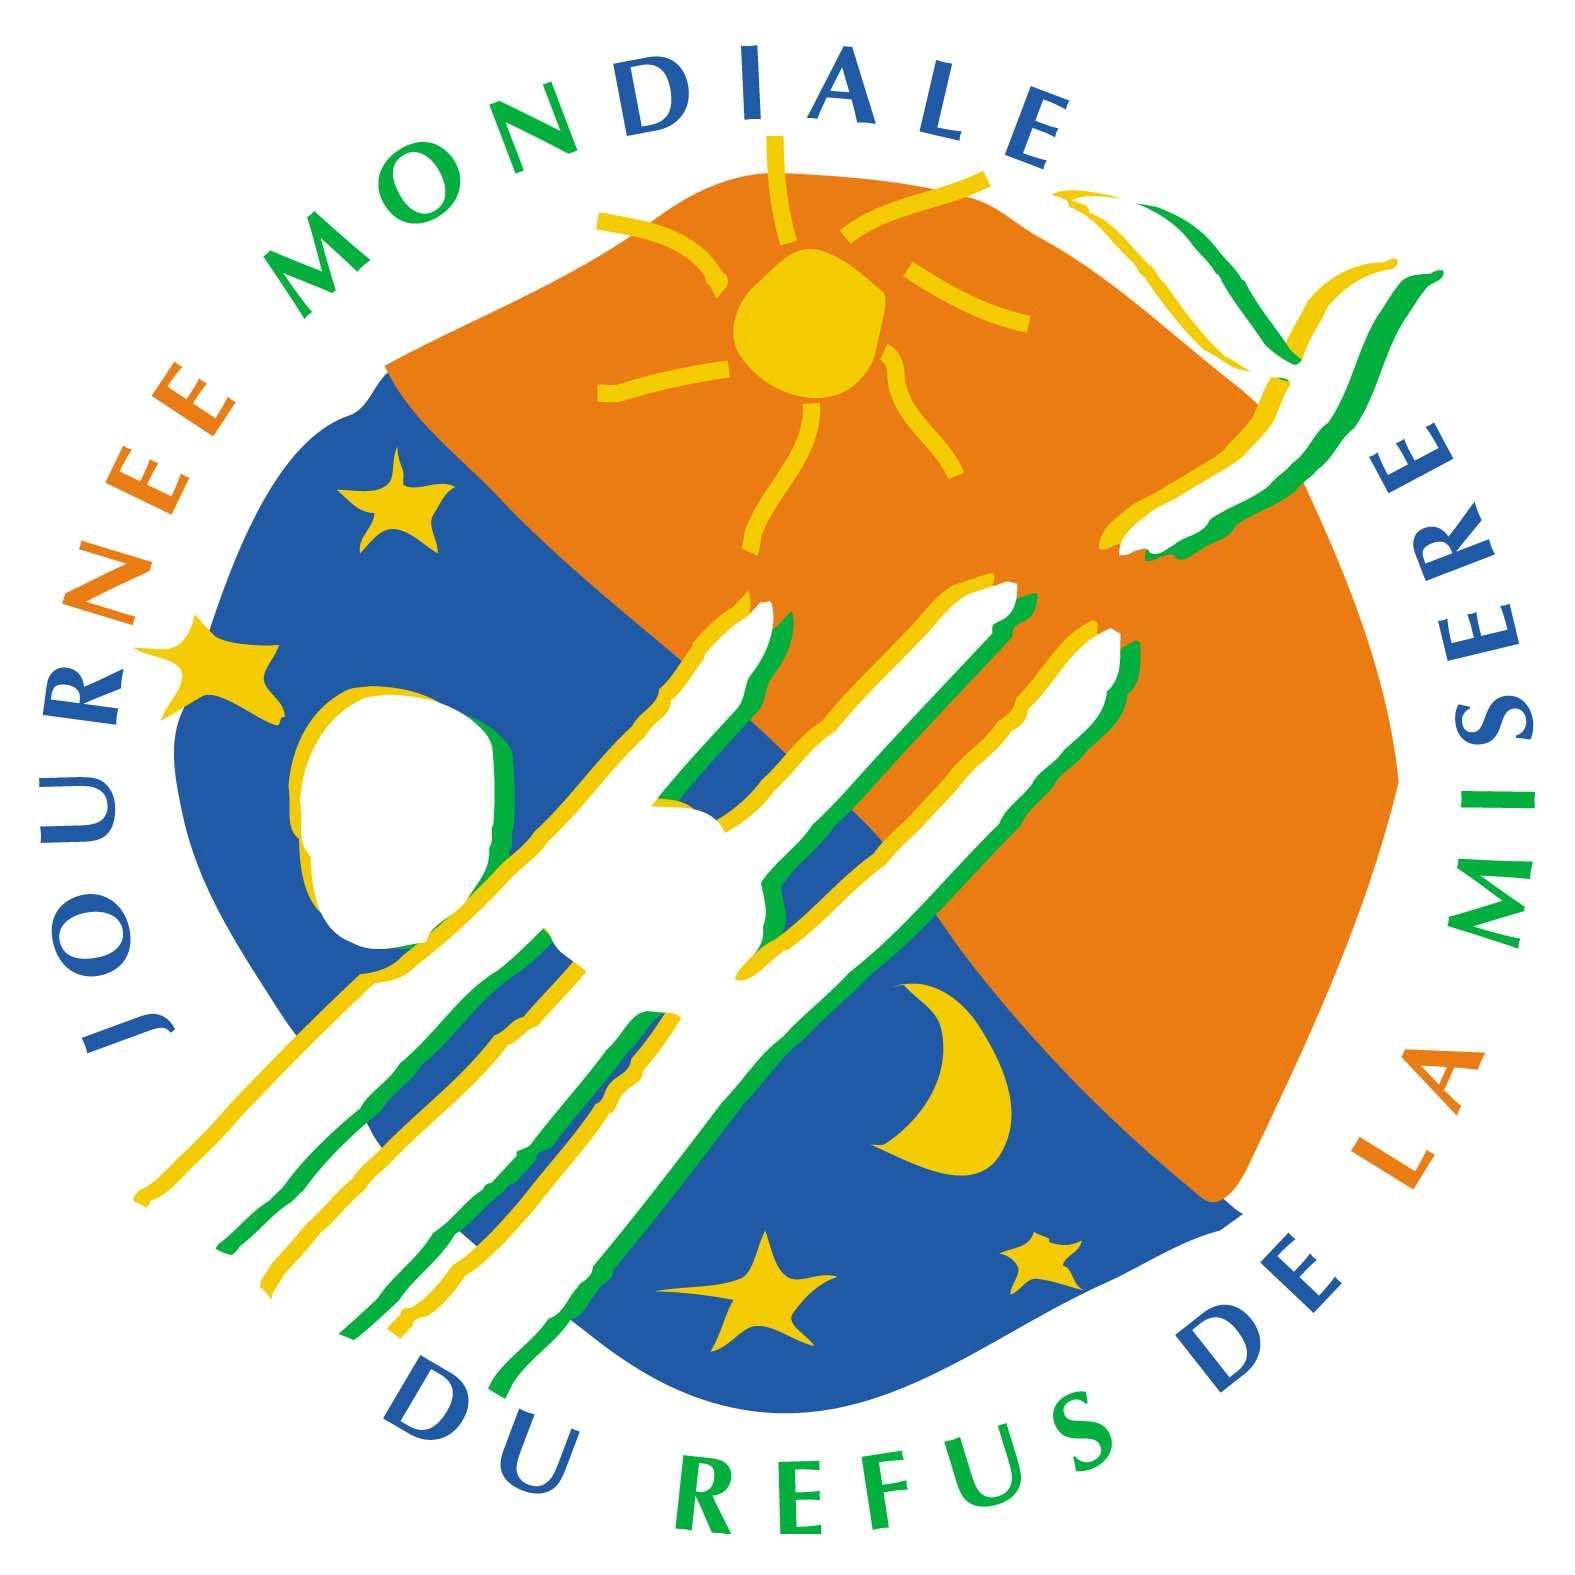 17 octobre 2011, Journée mondiale du refus de la misère : quelle école pour quelle société ?